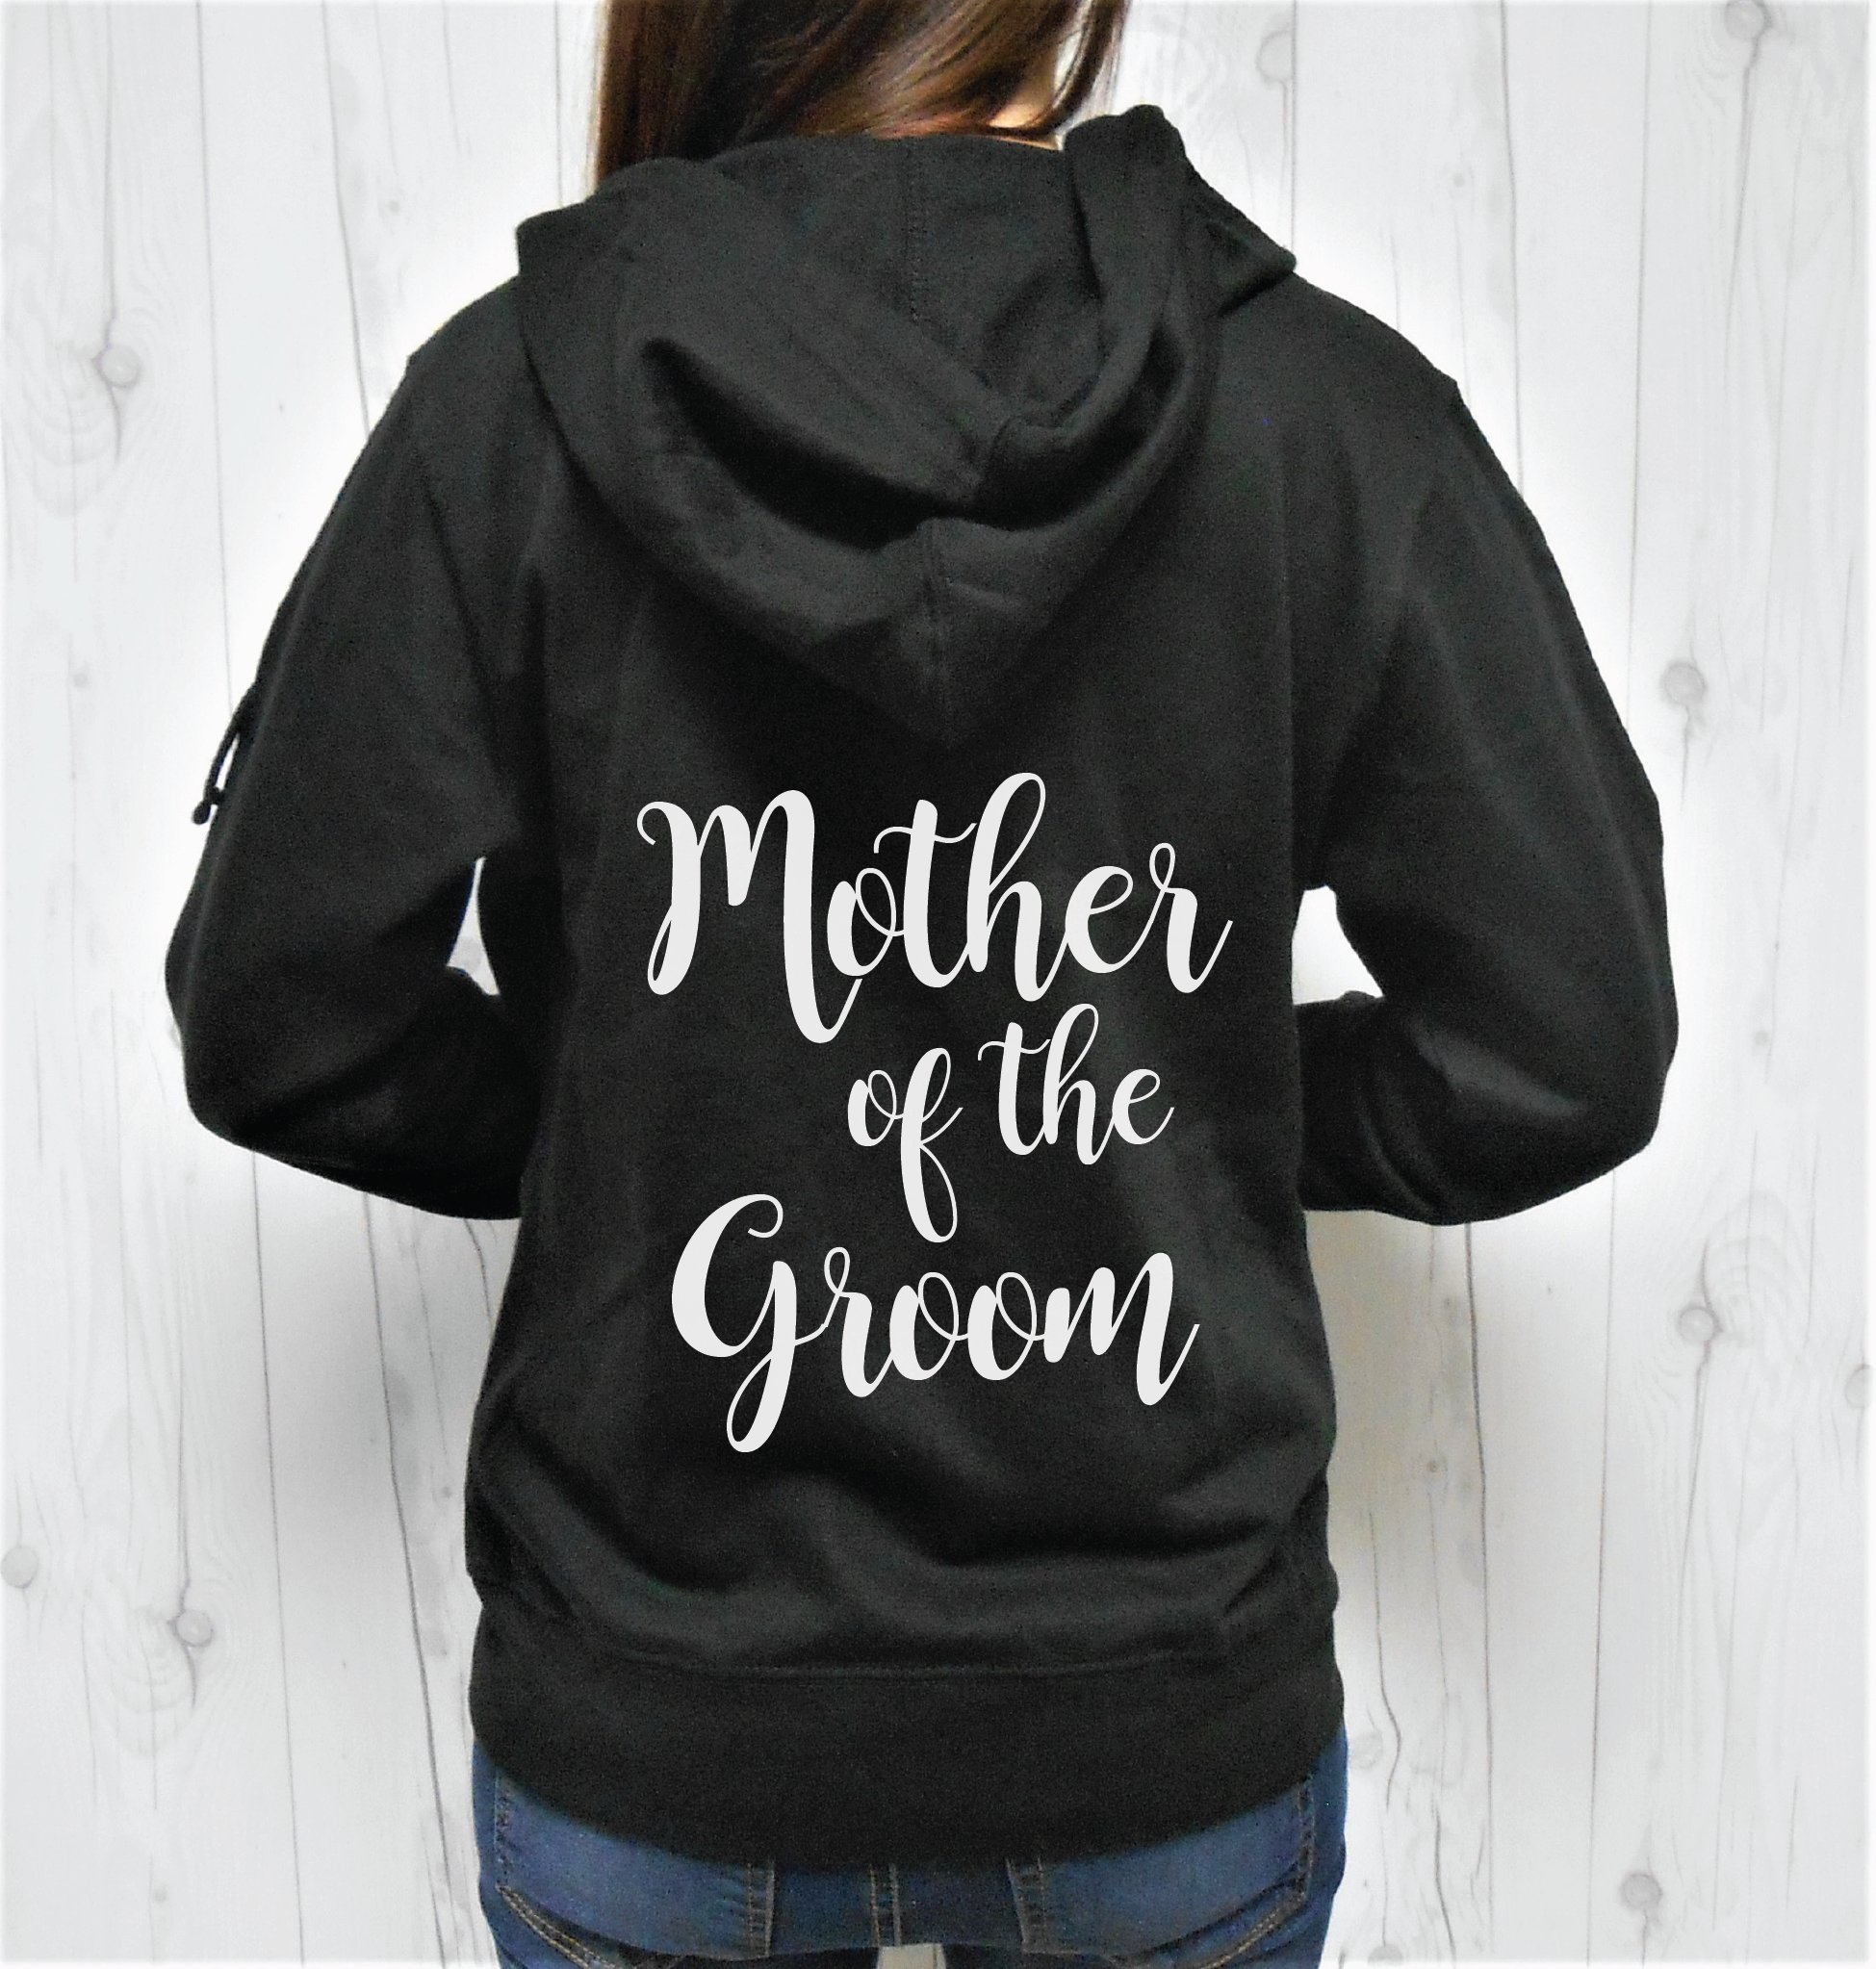 SGC Women's Mother of the Groom Hoodie, Mother of the Groom Zip-Up, Mother of the Groom Jacket, Wedding Hoodies, Bridal Hoodies